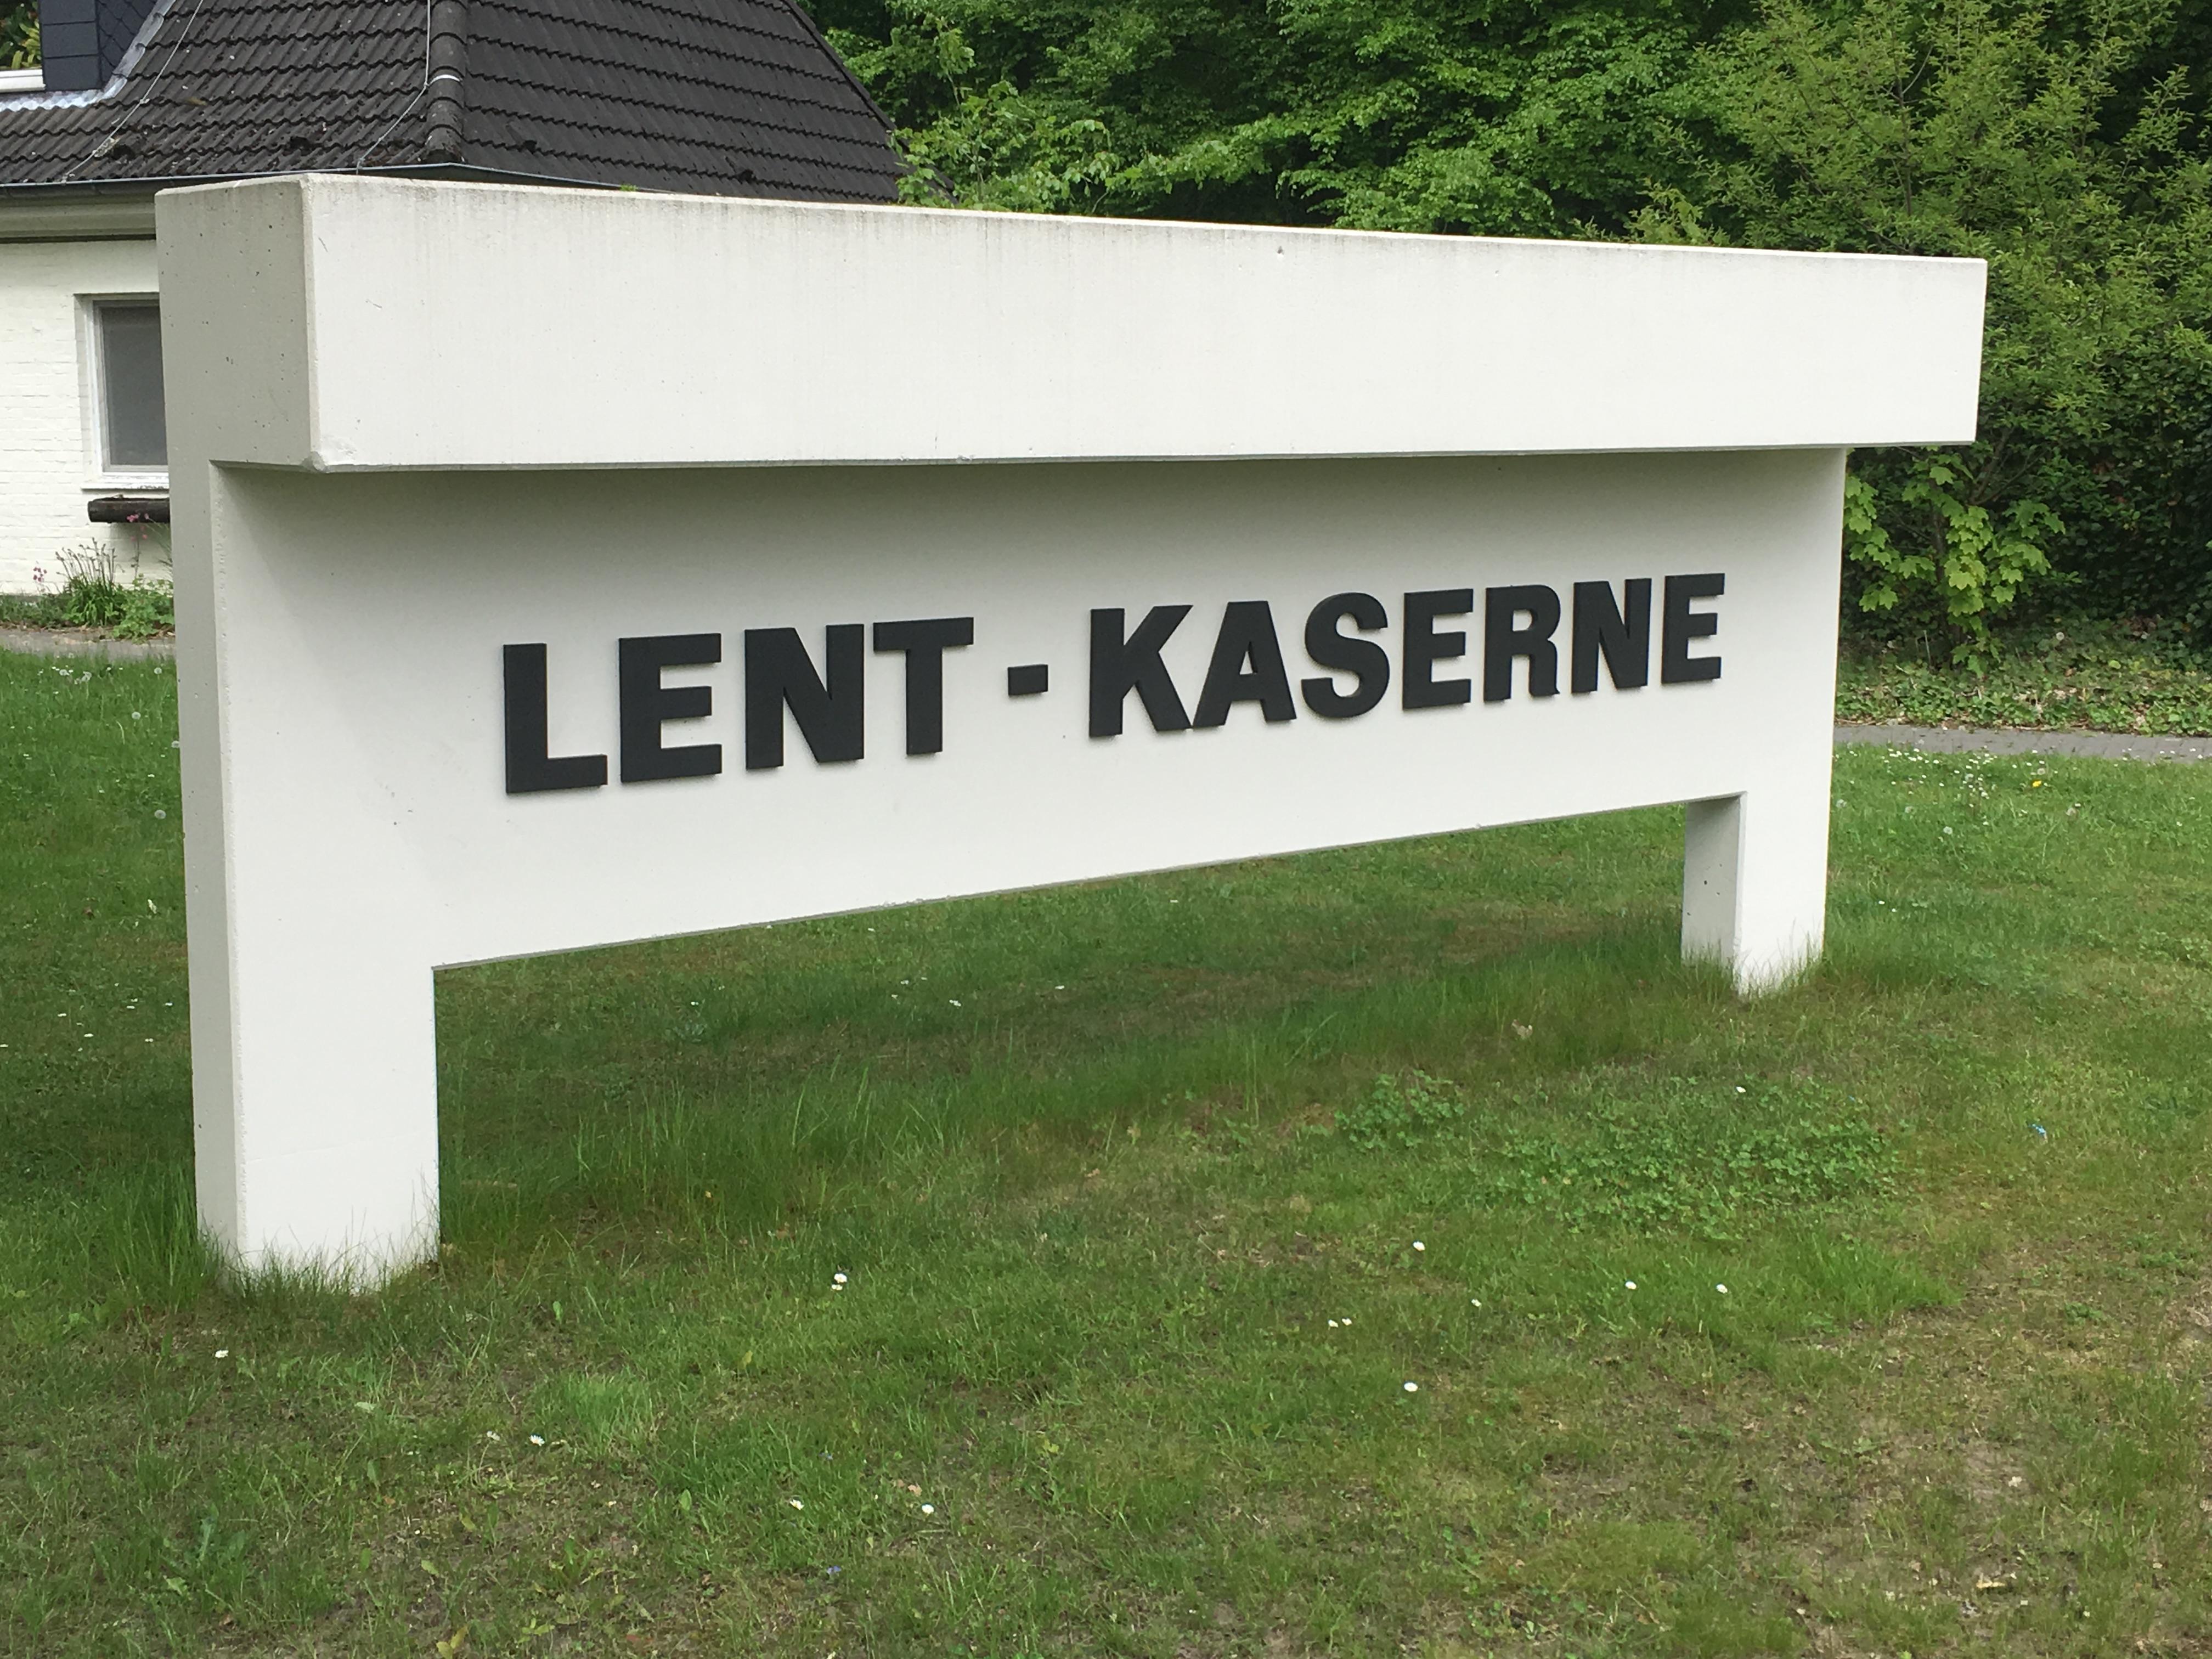 Lent Kaserne am Luhner Holze in Rotenburg